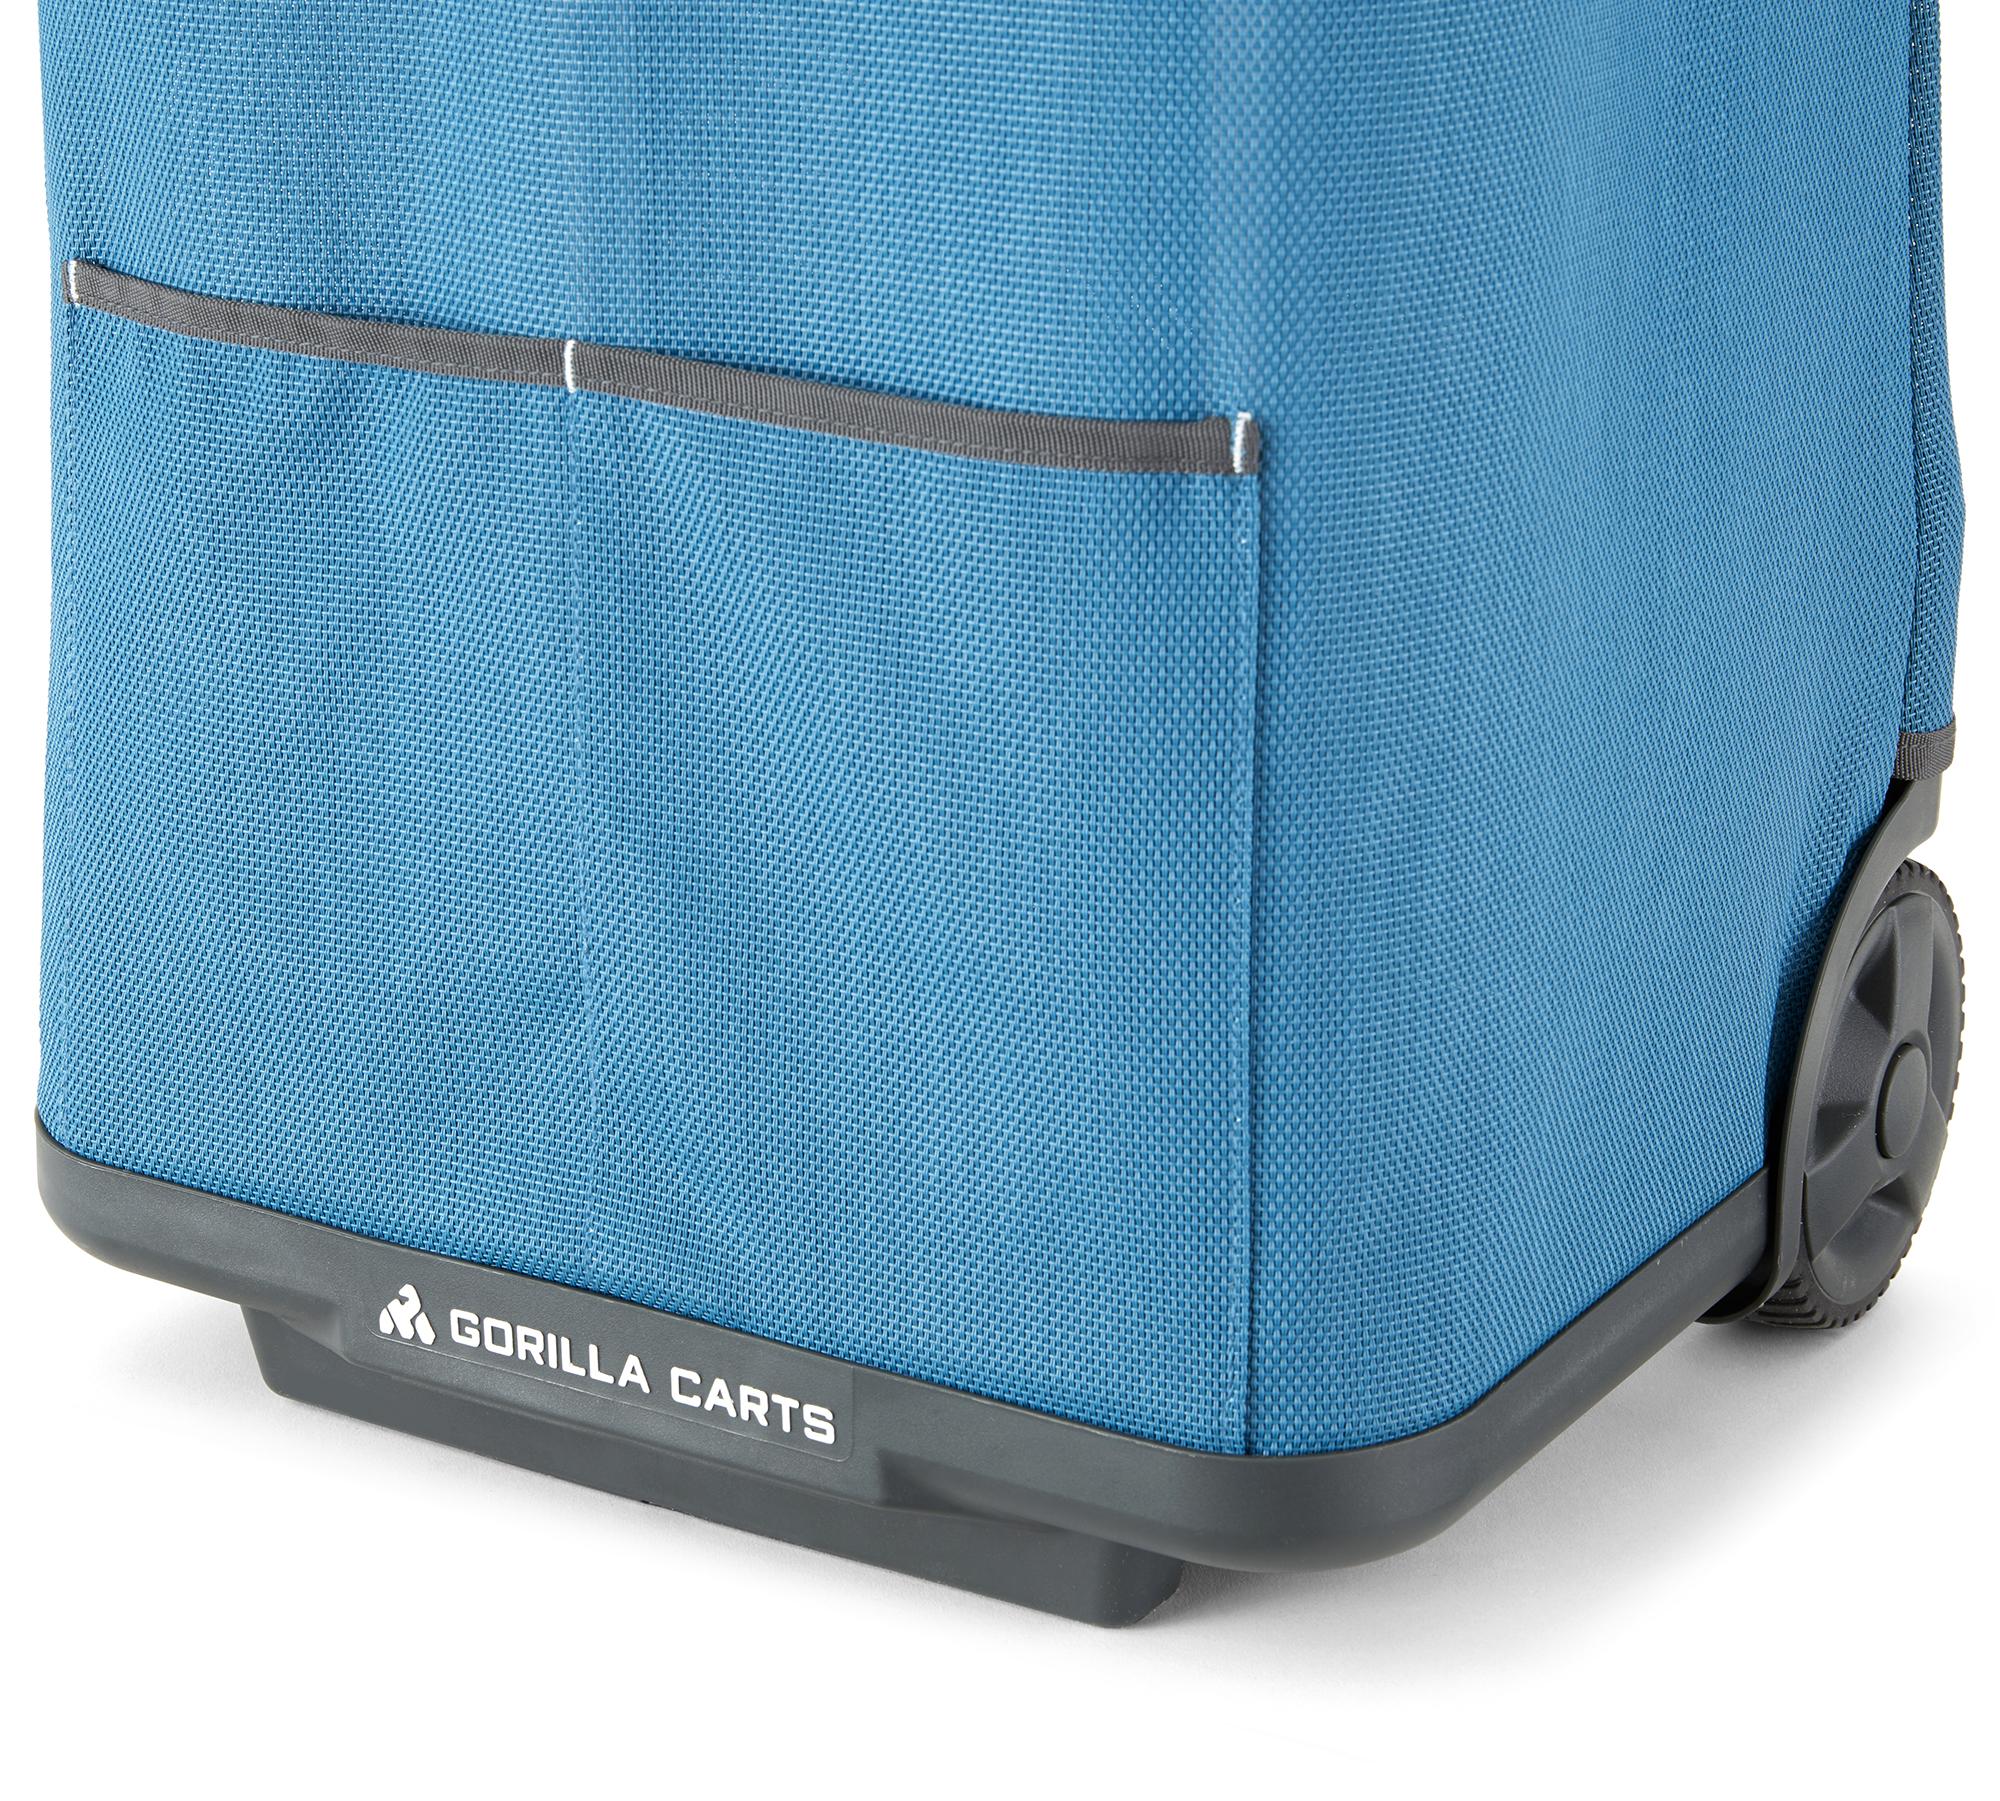 Gcss 11b Gorilla Carts